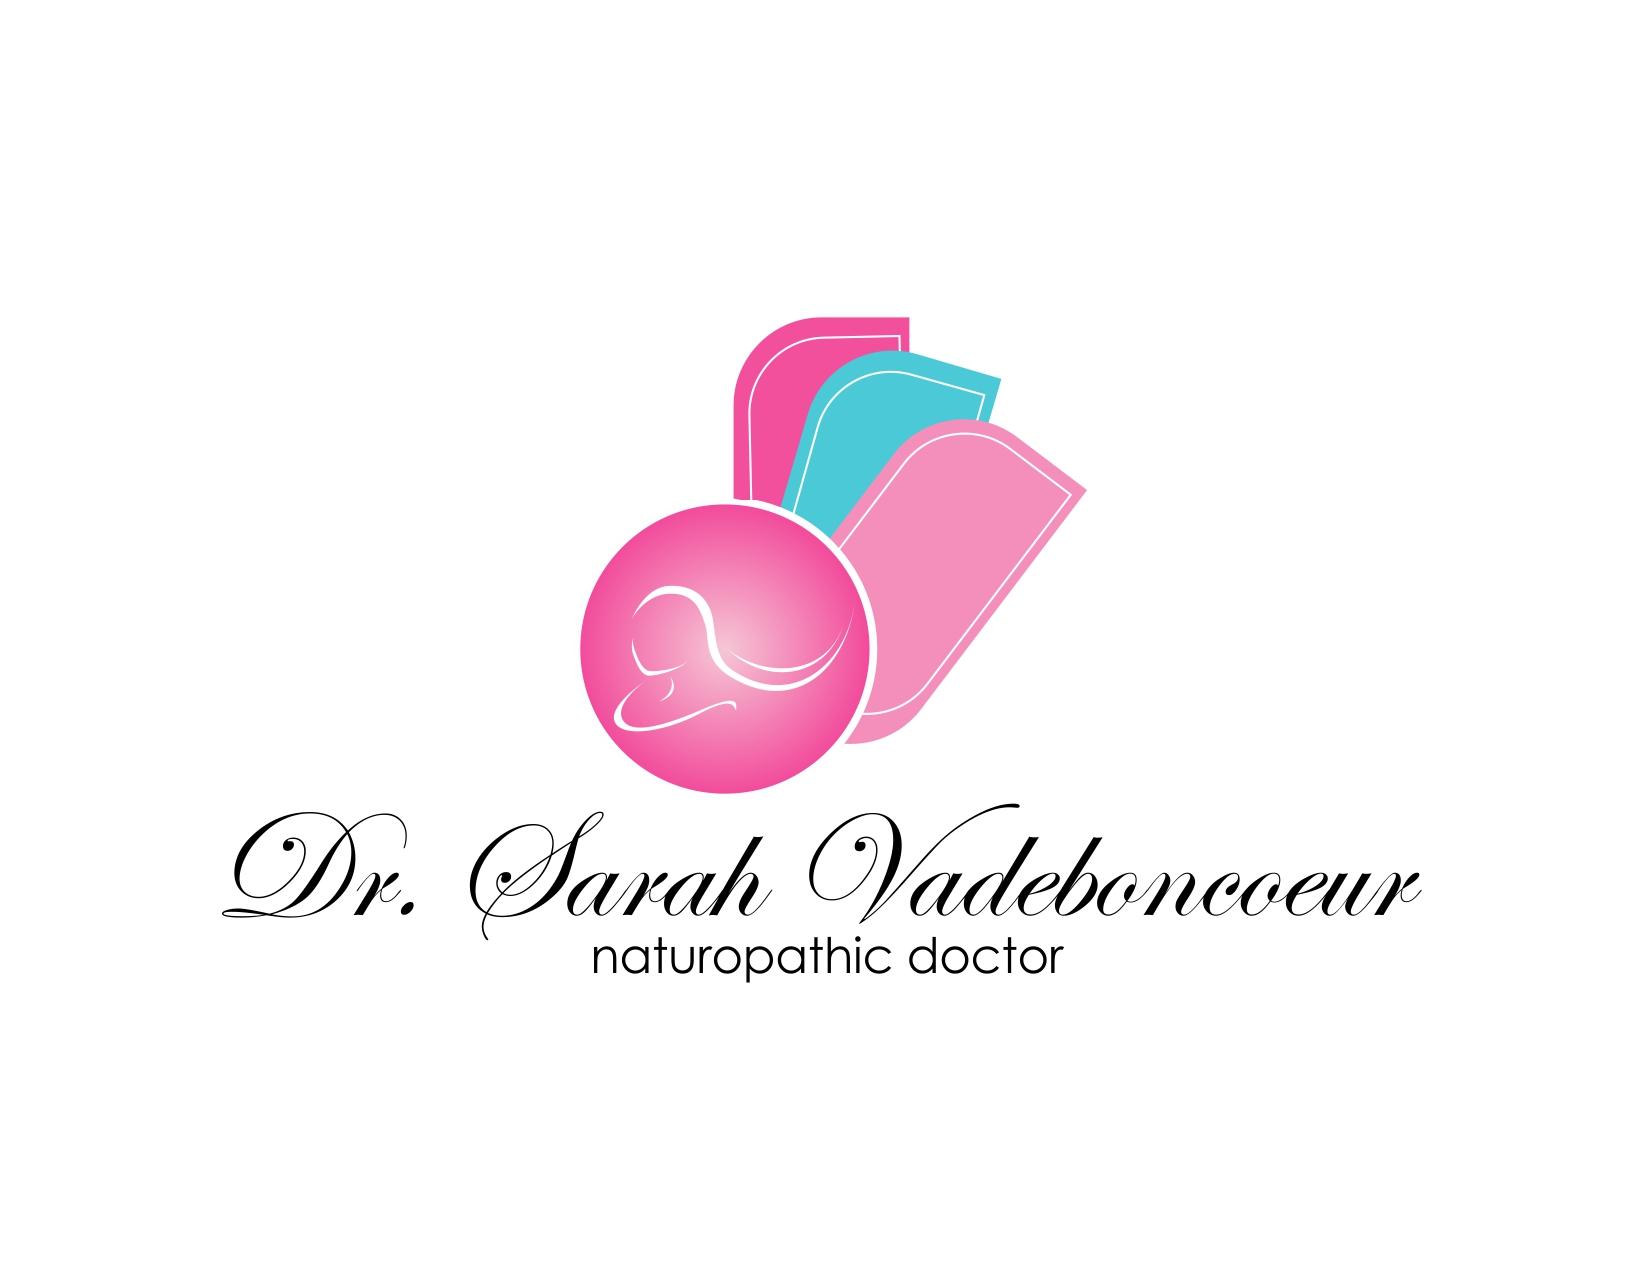 Logo Design by Reza Sasmita - Entry No. 57 in the Logo Design Contest New Logo Design for Dr. Sarah Vadeboncoeur, Naturopathic Doctor.